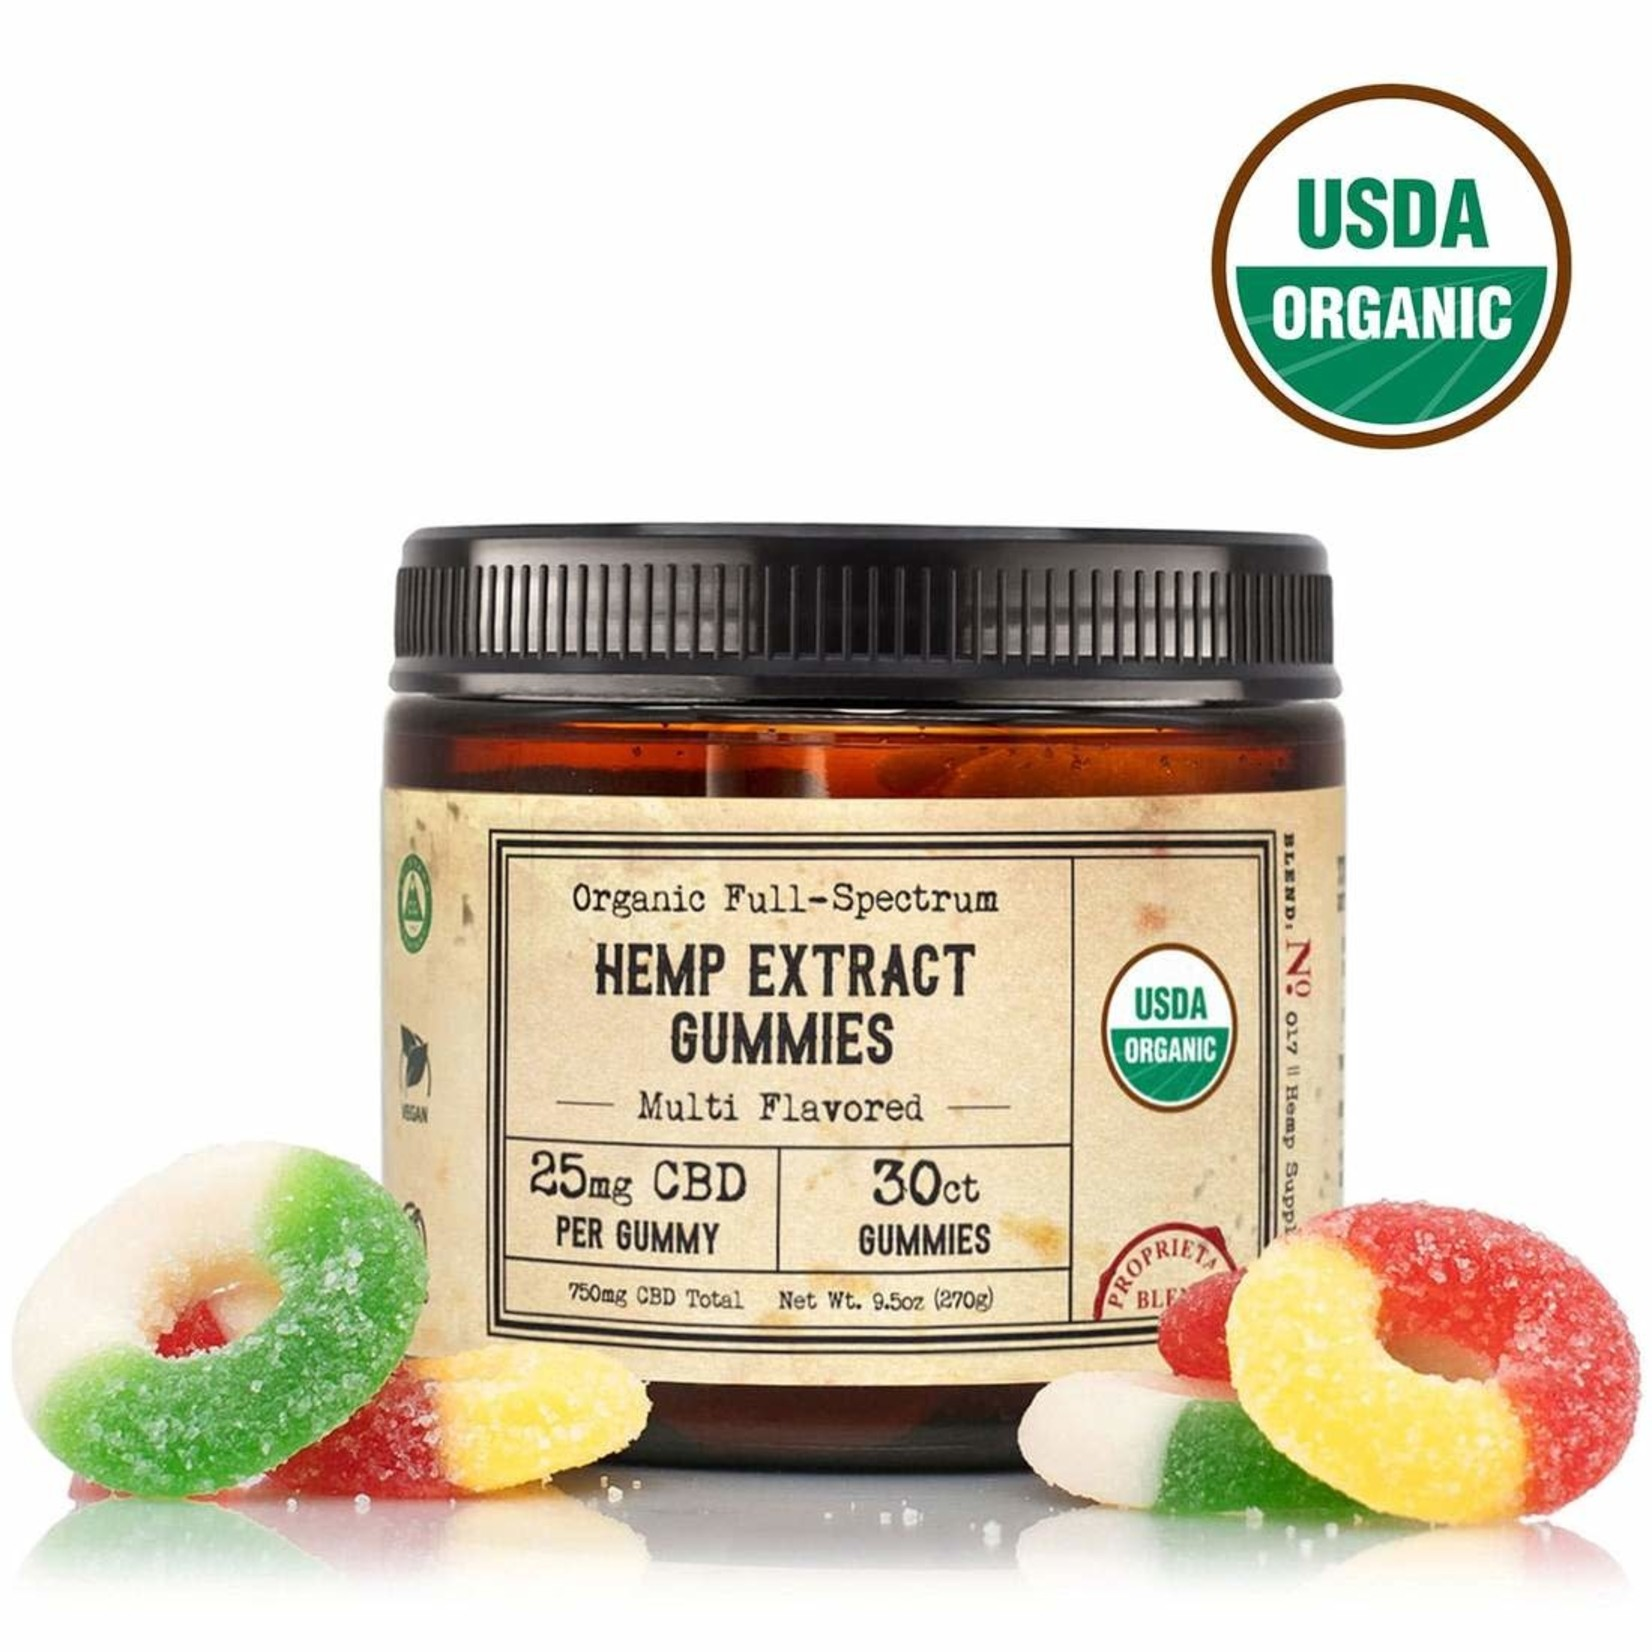 R+R R+R Hemp Extract Gummies 25mg 30ct